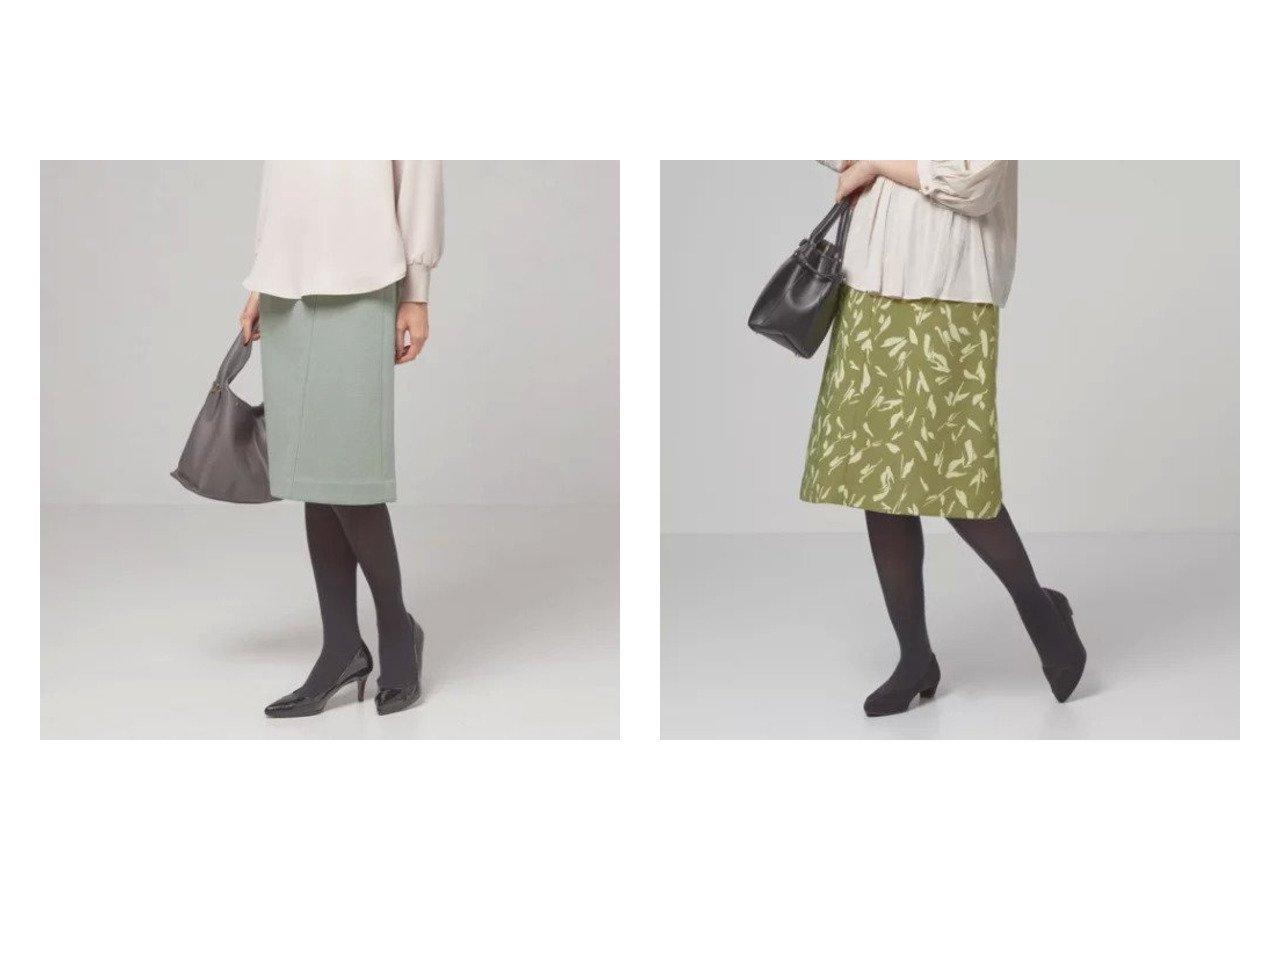 【THE STATION STORE / UNITED ARROWS/ザ ステーション ストア】のファンシーツイル ブラシ フレアスカート&ブークレ タイトスカート -ウォッシャブル- 【スカート】おすすめ!人気、トレンド・レディースファッションの通販 おすすめで人気の流行・トレンド、ファッションの通販商品 インテリア・家具・メンズファッション・キッズファッション・レディースファッション・服の通販 founy(ファニー) https://founy.com/ ファッション Fashion レディースファッション WOMEN スカート Skirt Aライン/フレアスカート Flared A-Line Skirts エレガント 秋 Autumn/Fall 切替 ジャケット スリット 台形 フォルム フレア プリント 冬 Winter おすすめ Recommend |ID:crp329100000072558